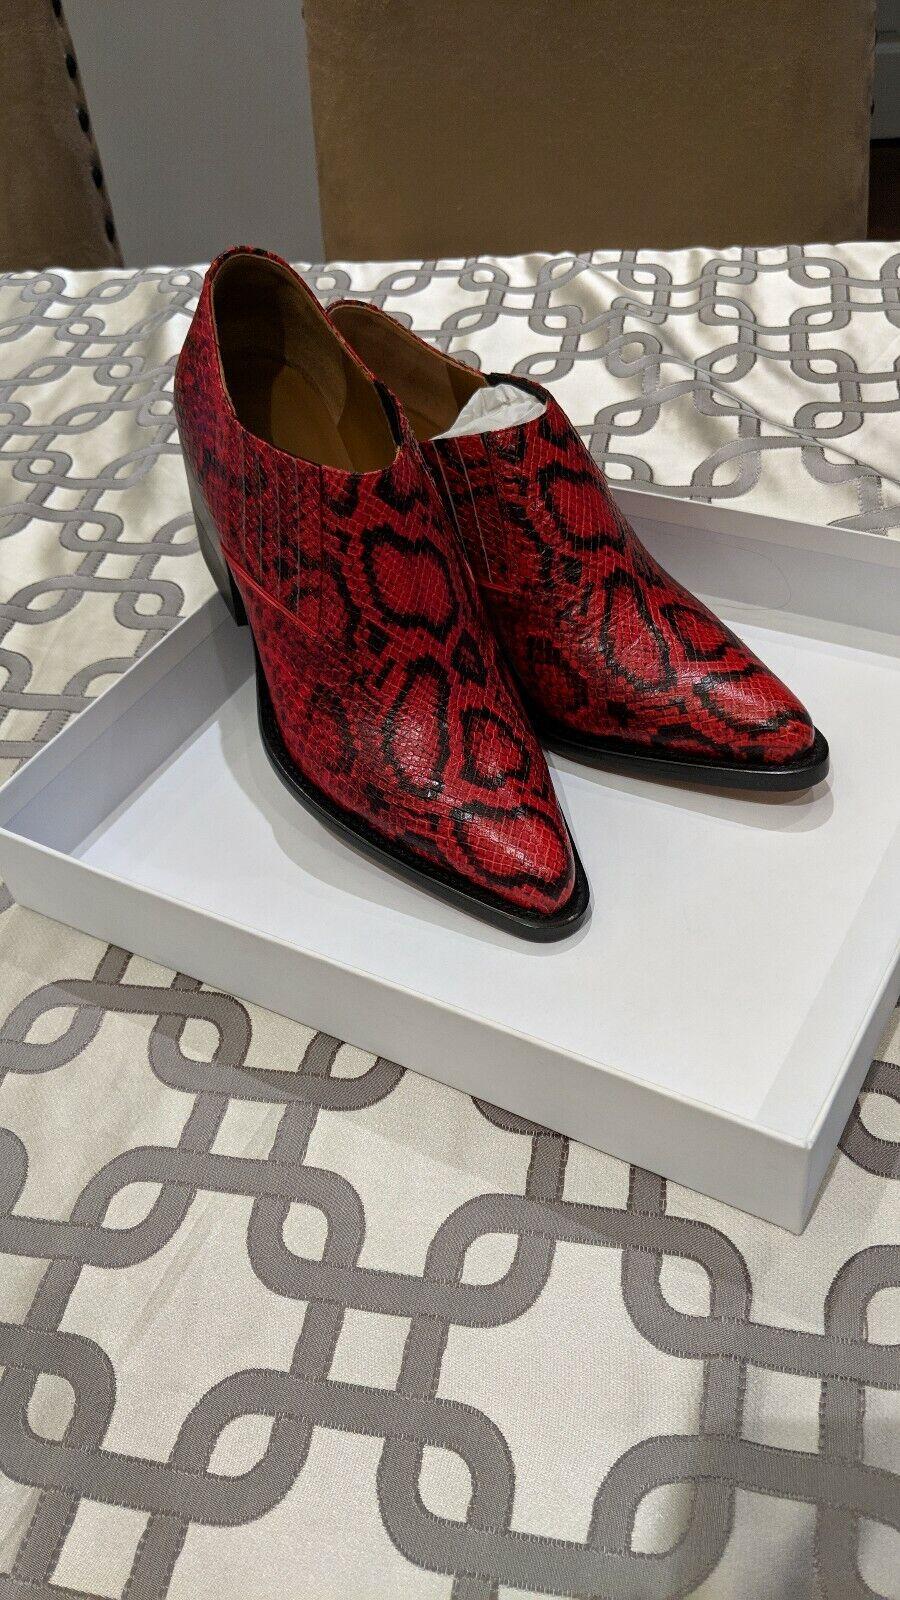 Chloe scarpe  39.5 short stivali  negozi al dettaglio